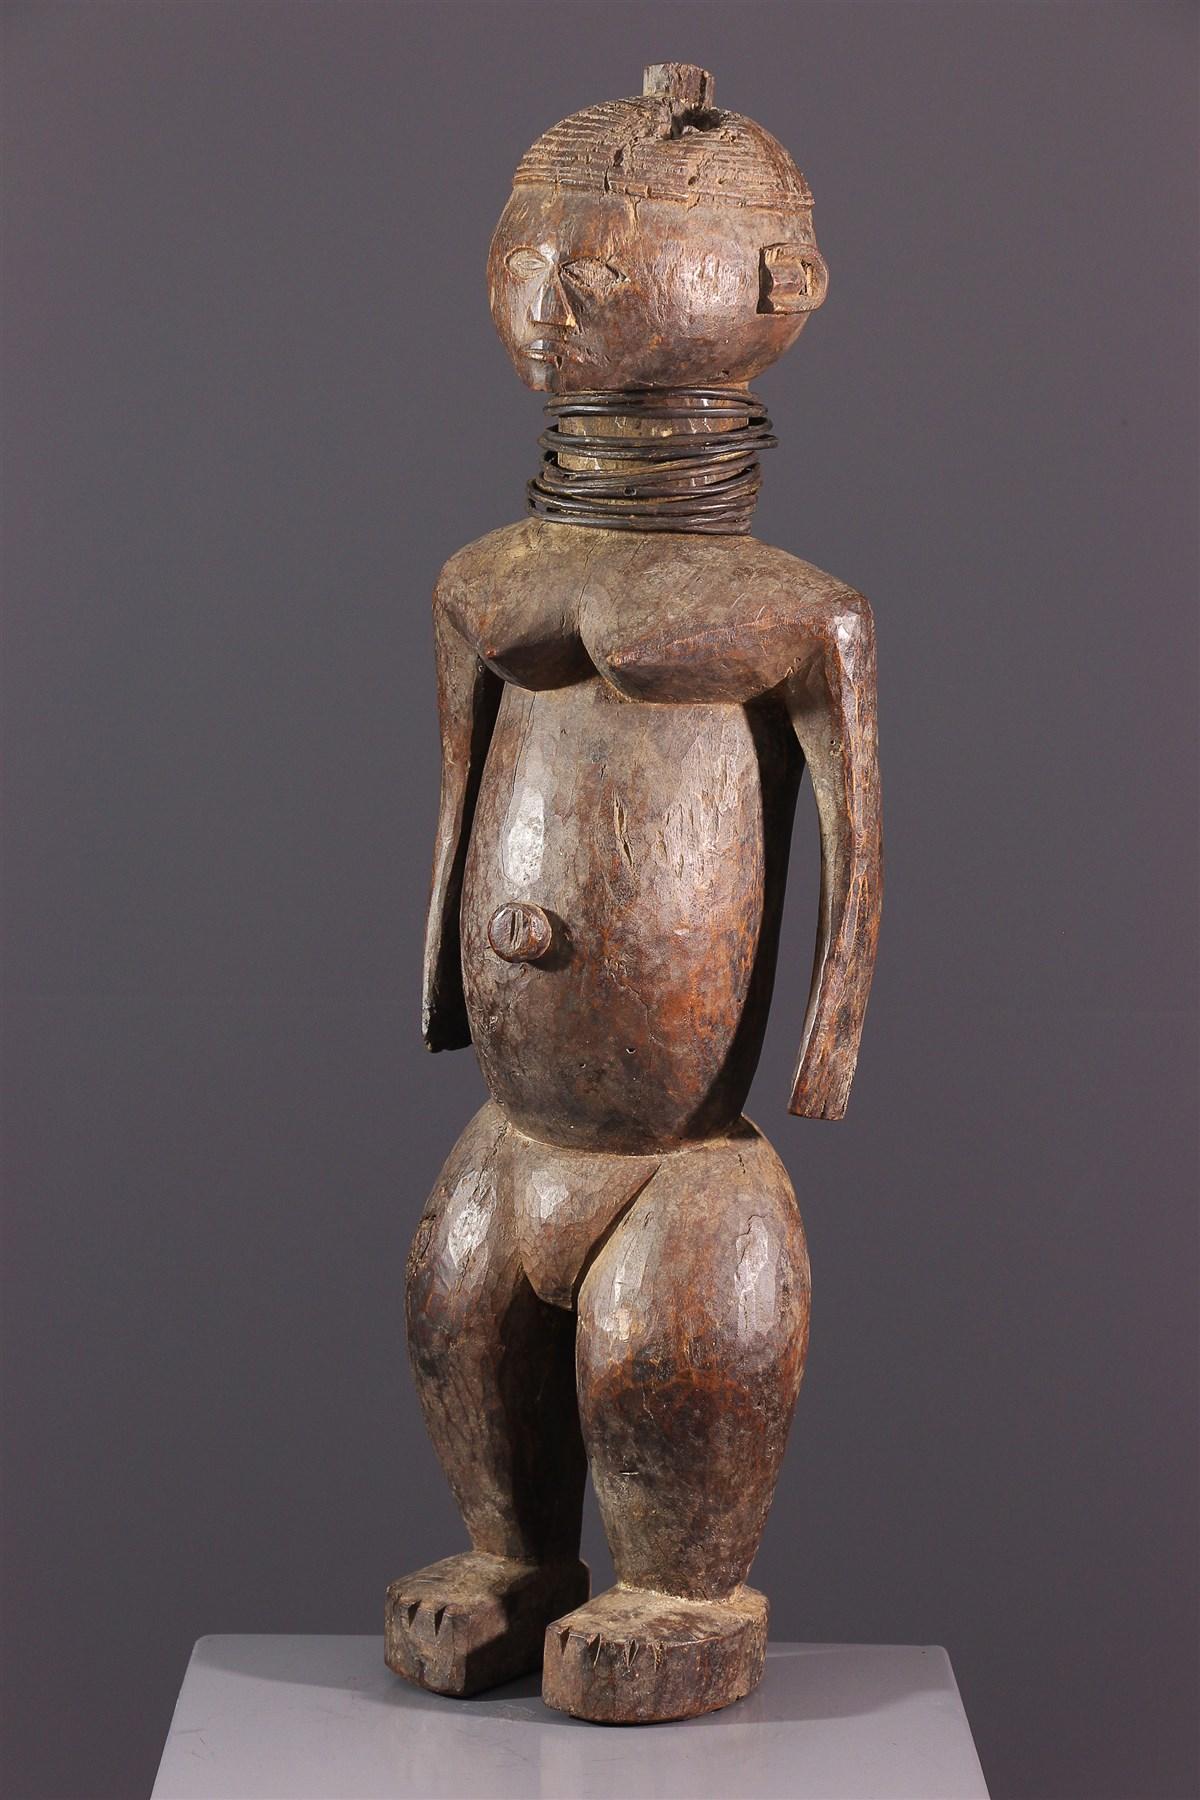 Female figure Ngbaka - African art